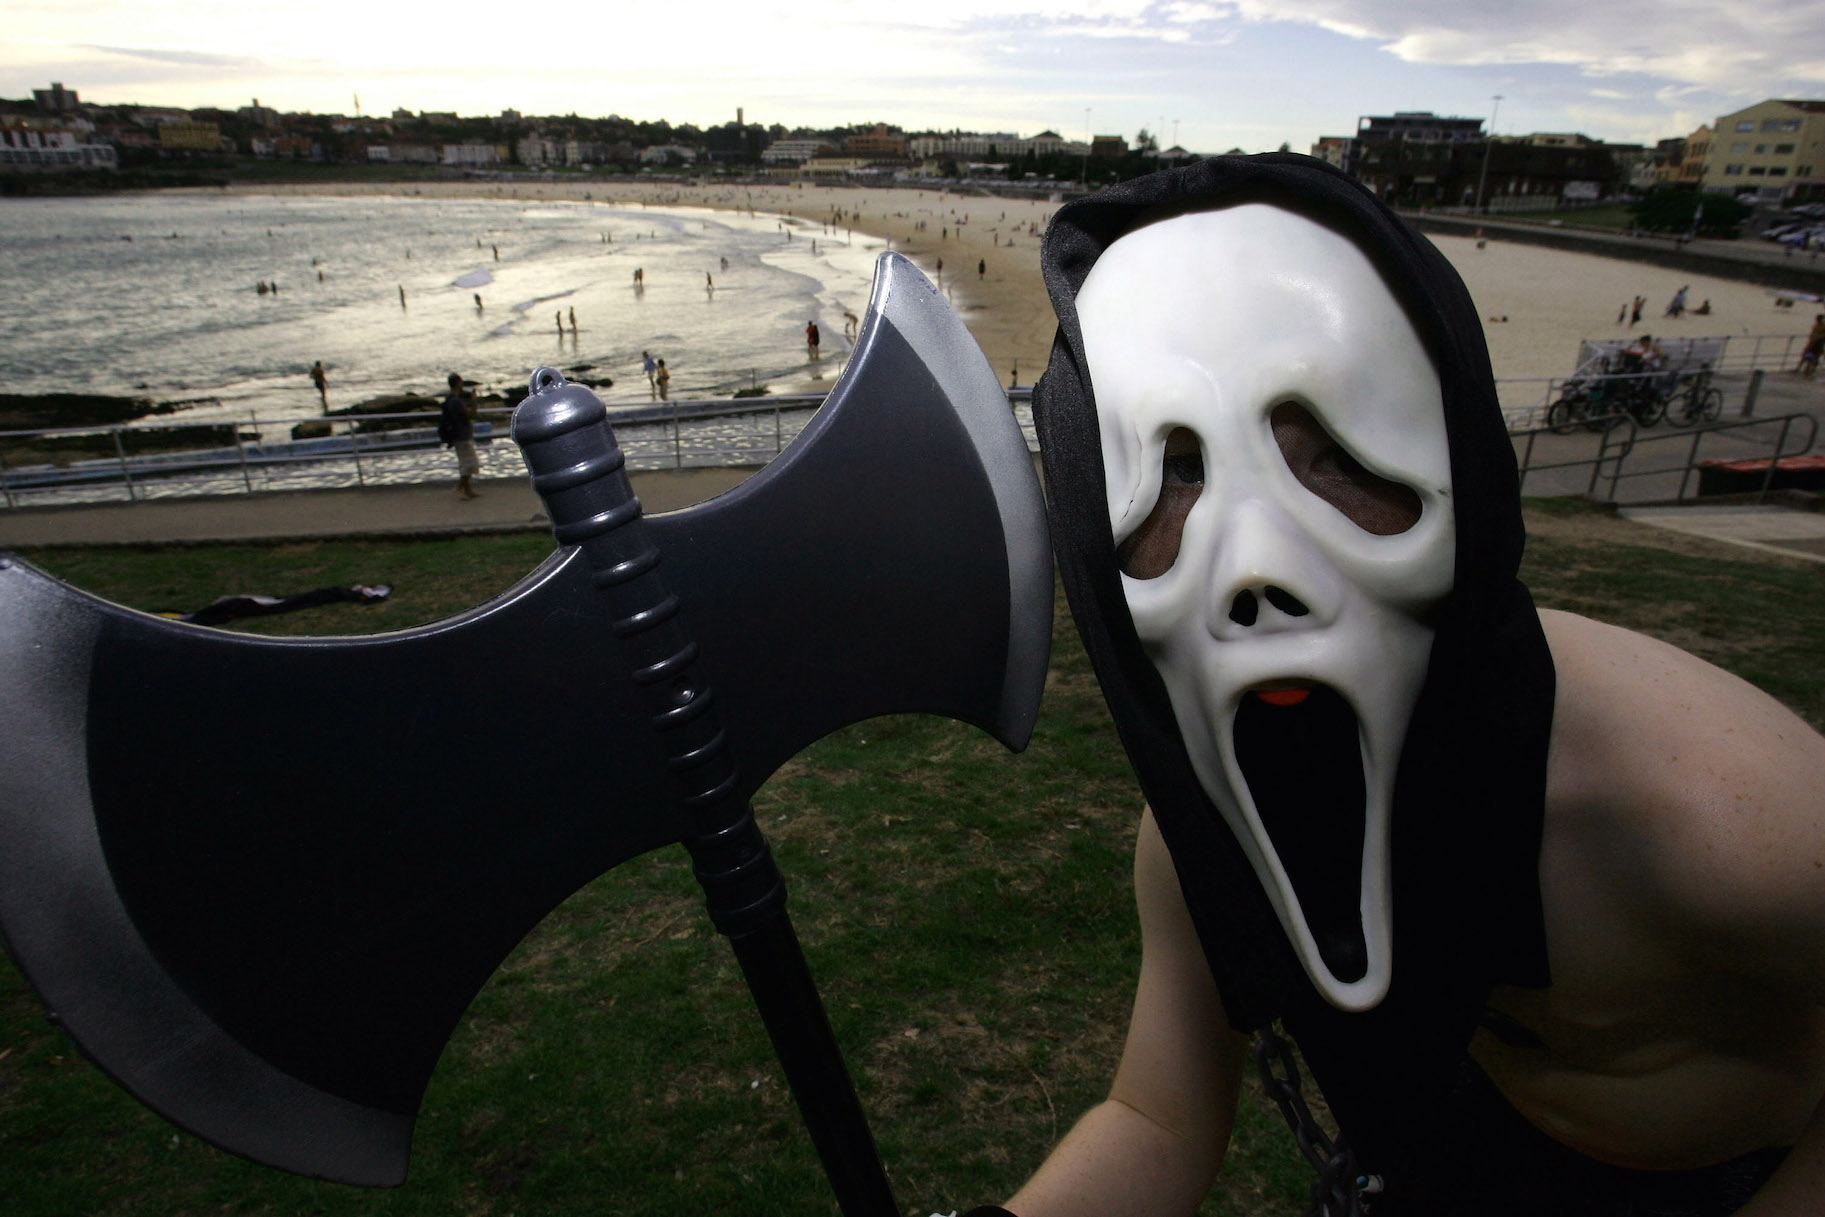 Πόσο μεγάλο μέρος του κλασικού τρόμου 'Scream' βασίζεται στα πραγματικά εγκλήματα του Gainesville Ripper;